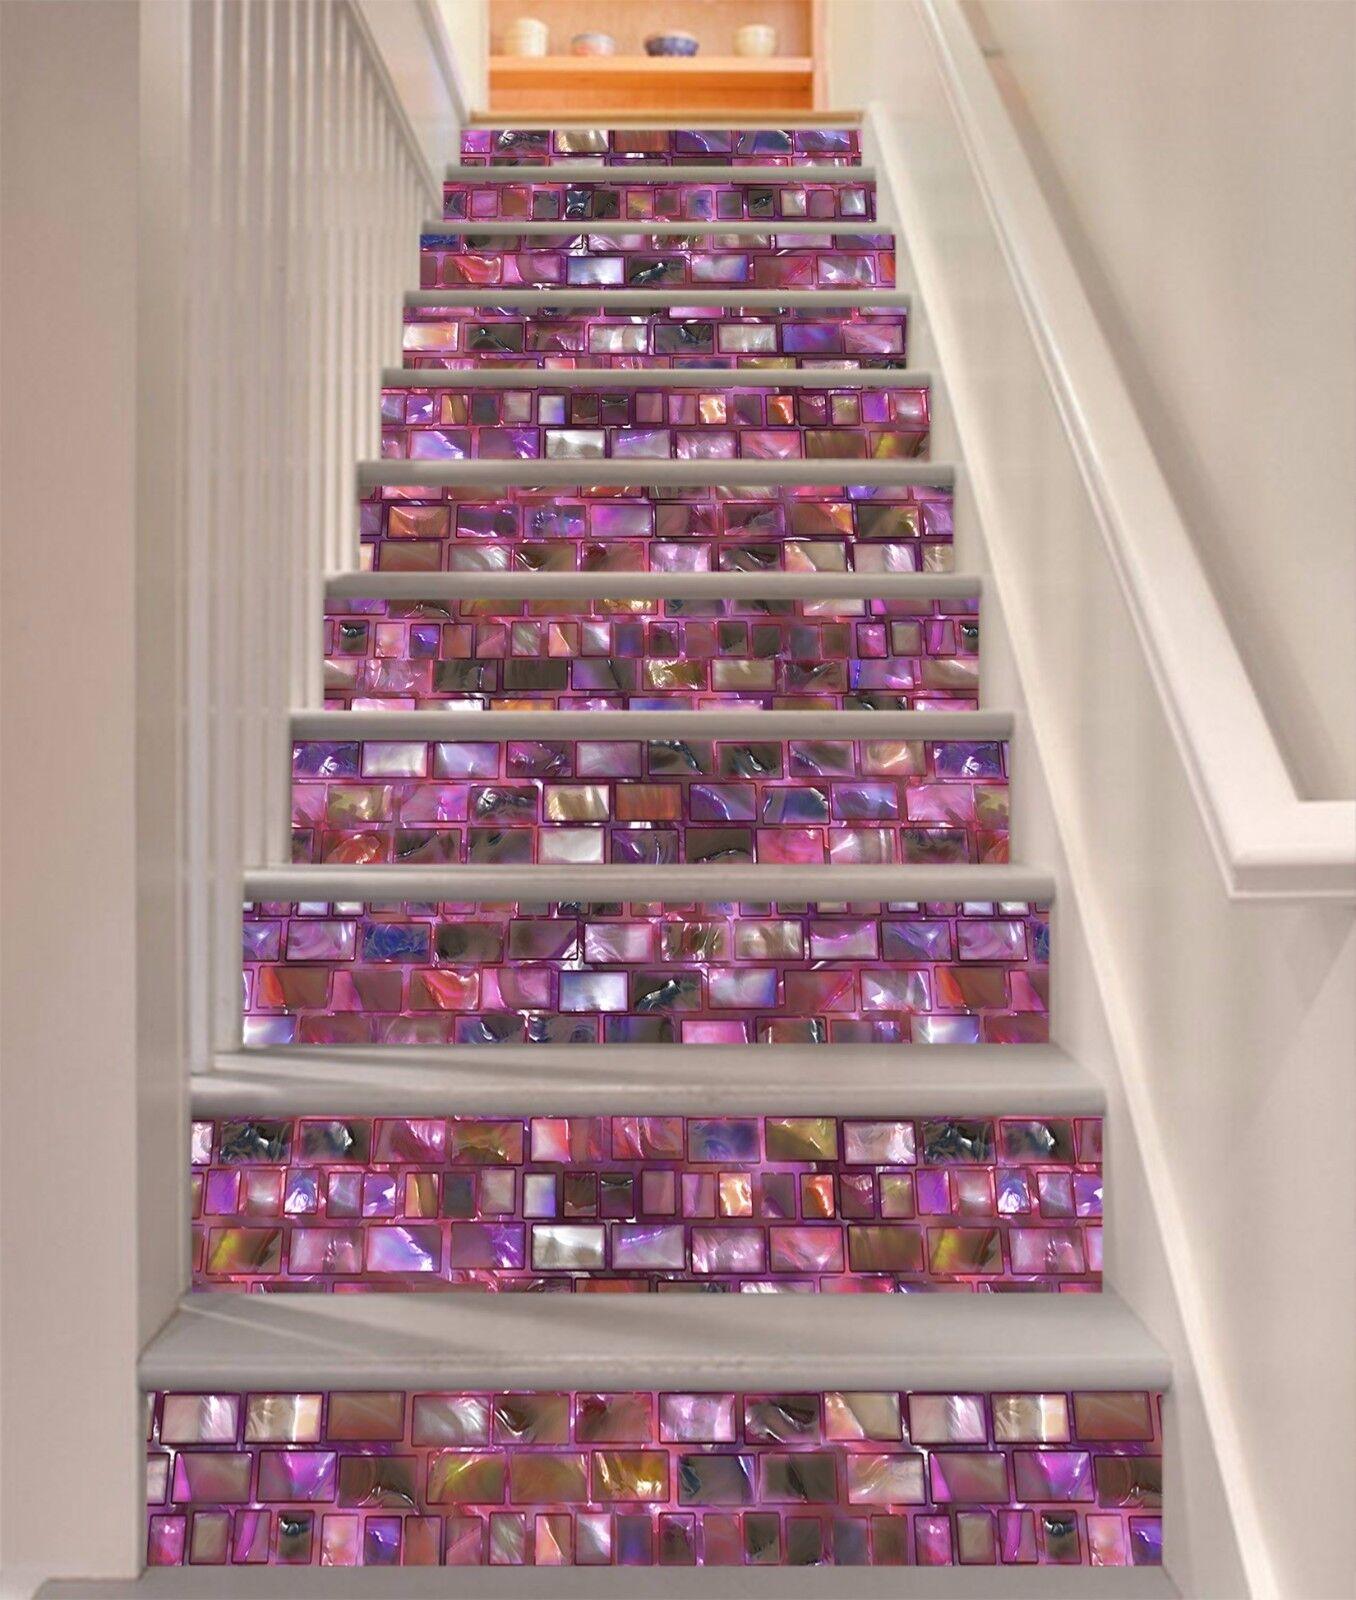 3D Farbe Marmor 782 Stair Risers Dekoration Fototapete Vinyl Aufkleber Tapete DE